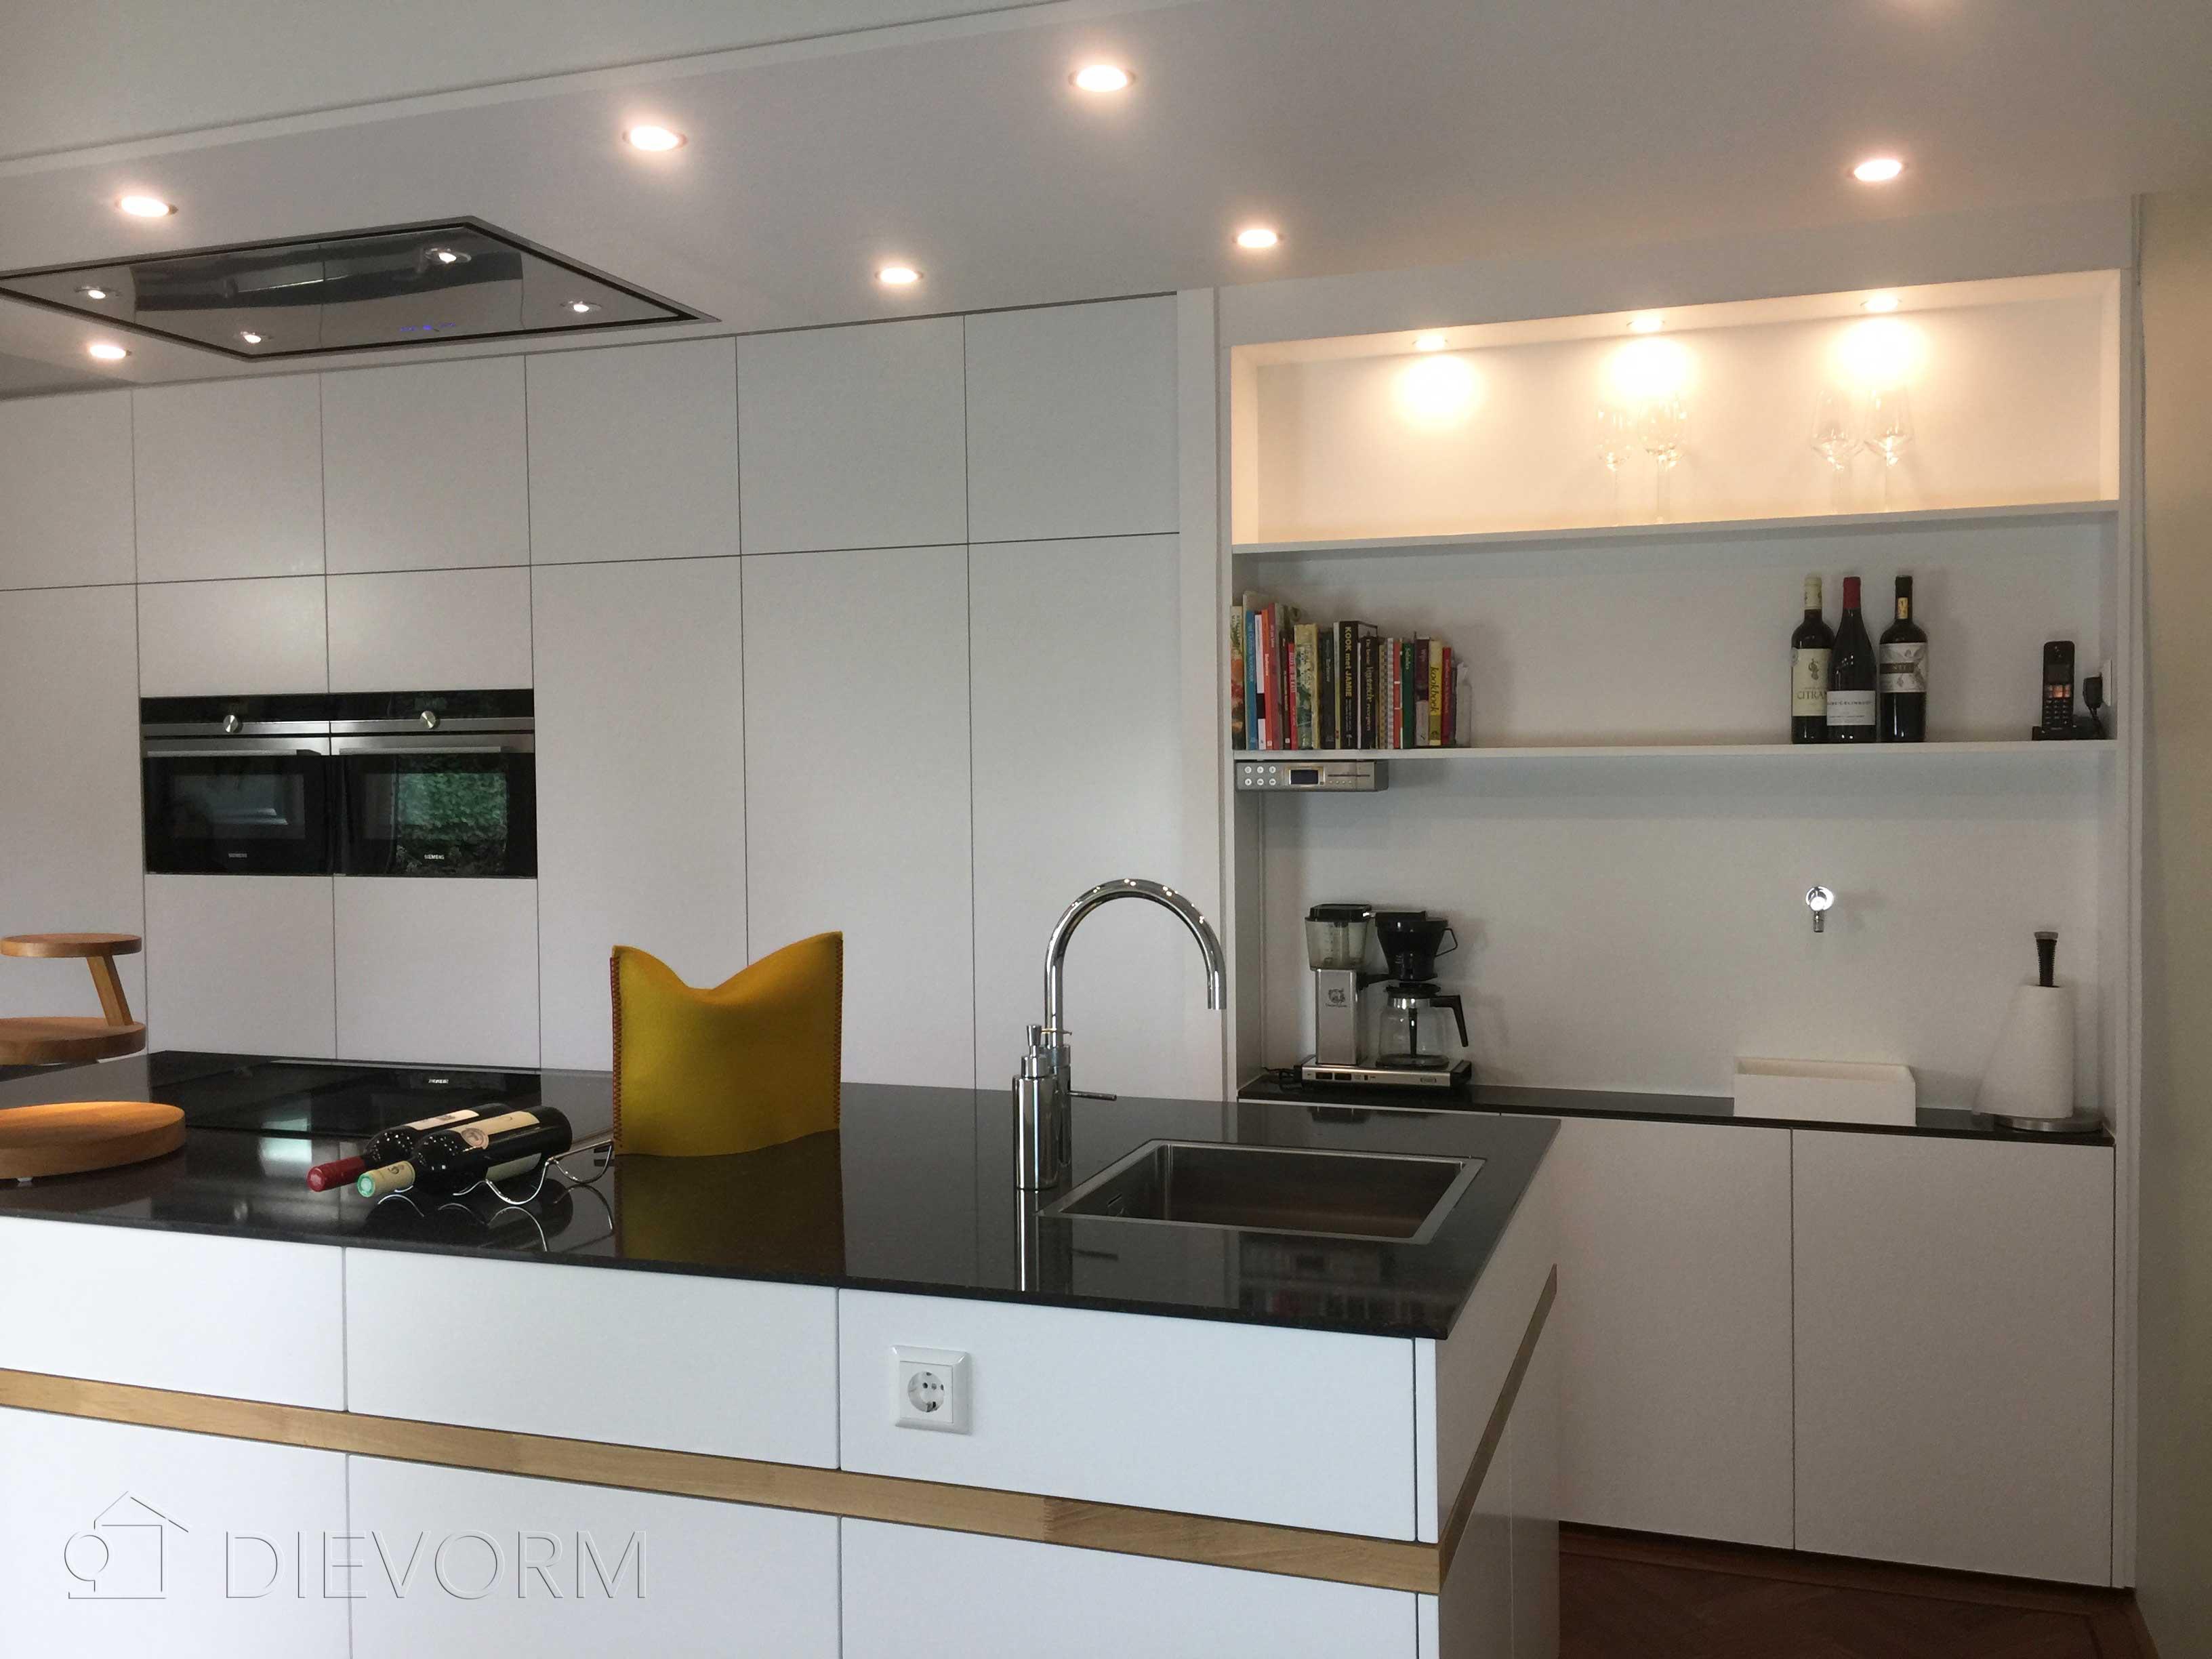 Landelijke keukens modern mijn keukens op maat laten maken - Keuken centraal eiland ...